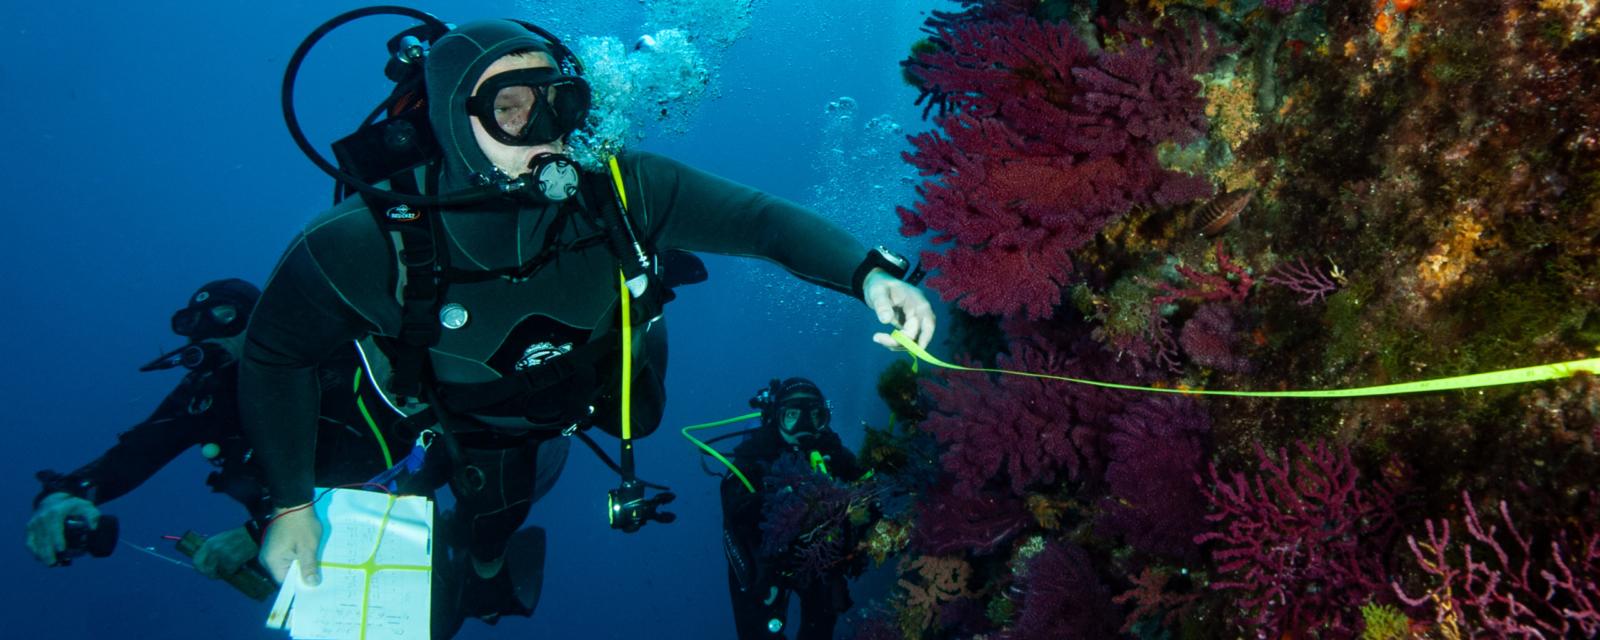 Du XV de France à la protection des fonds marins en Méditerranée, itinéraire d'un amoureux de la mer 3